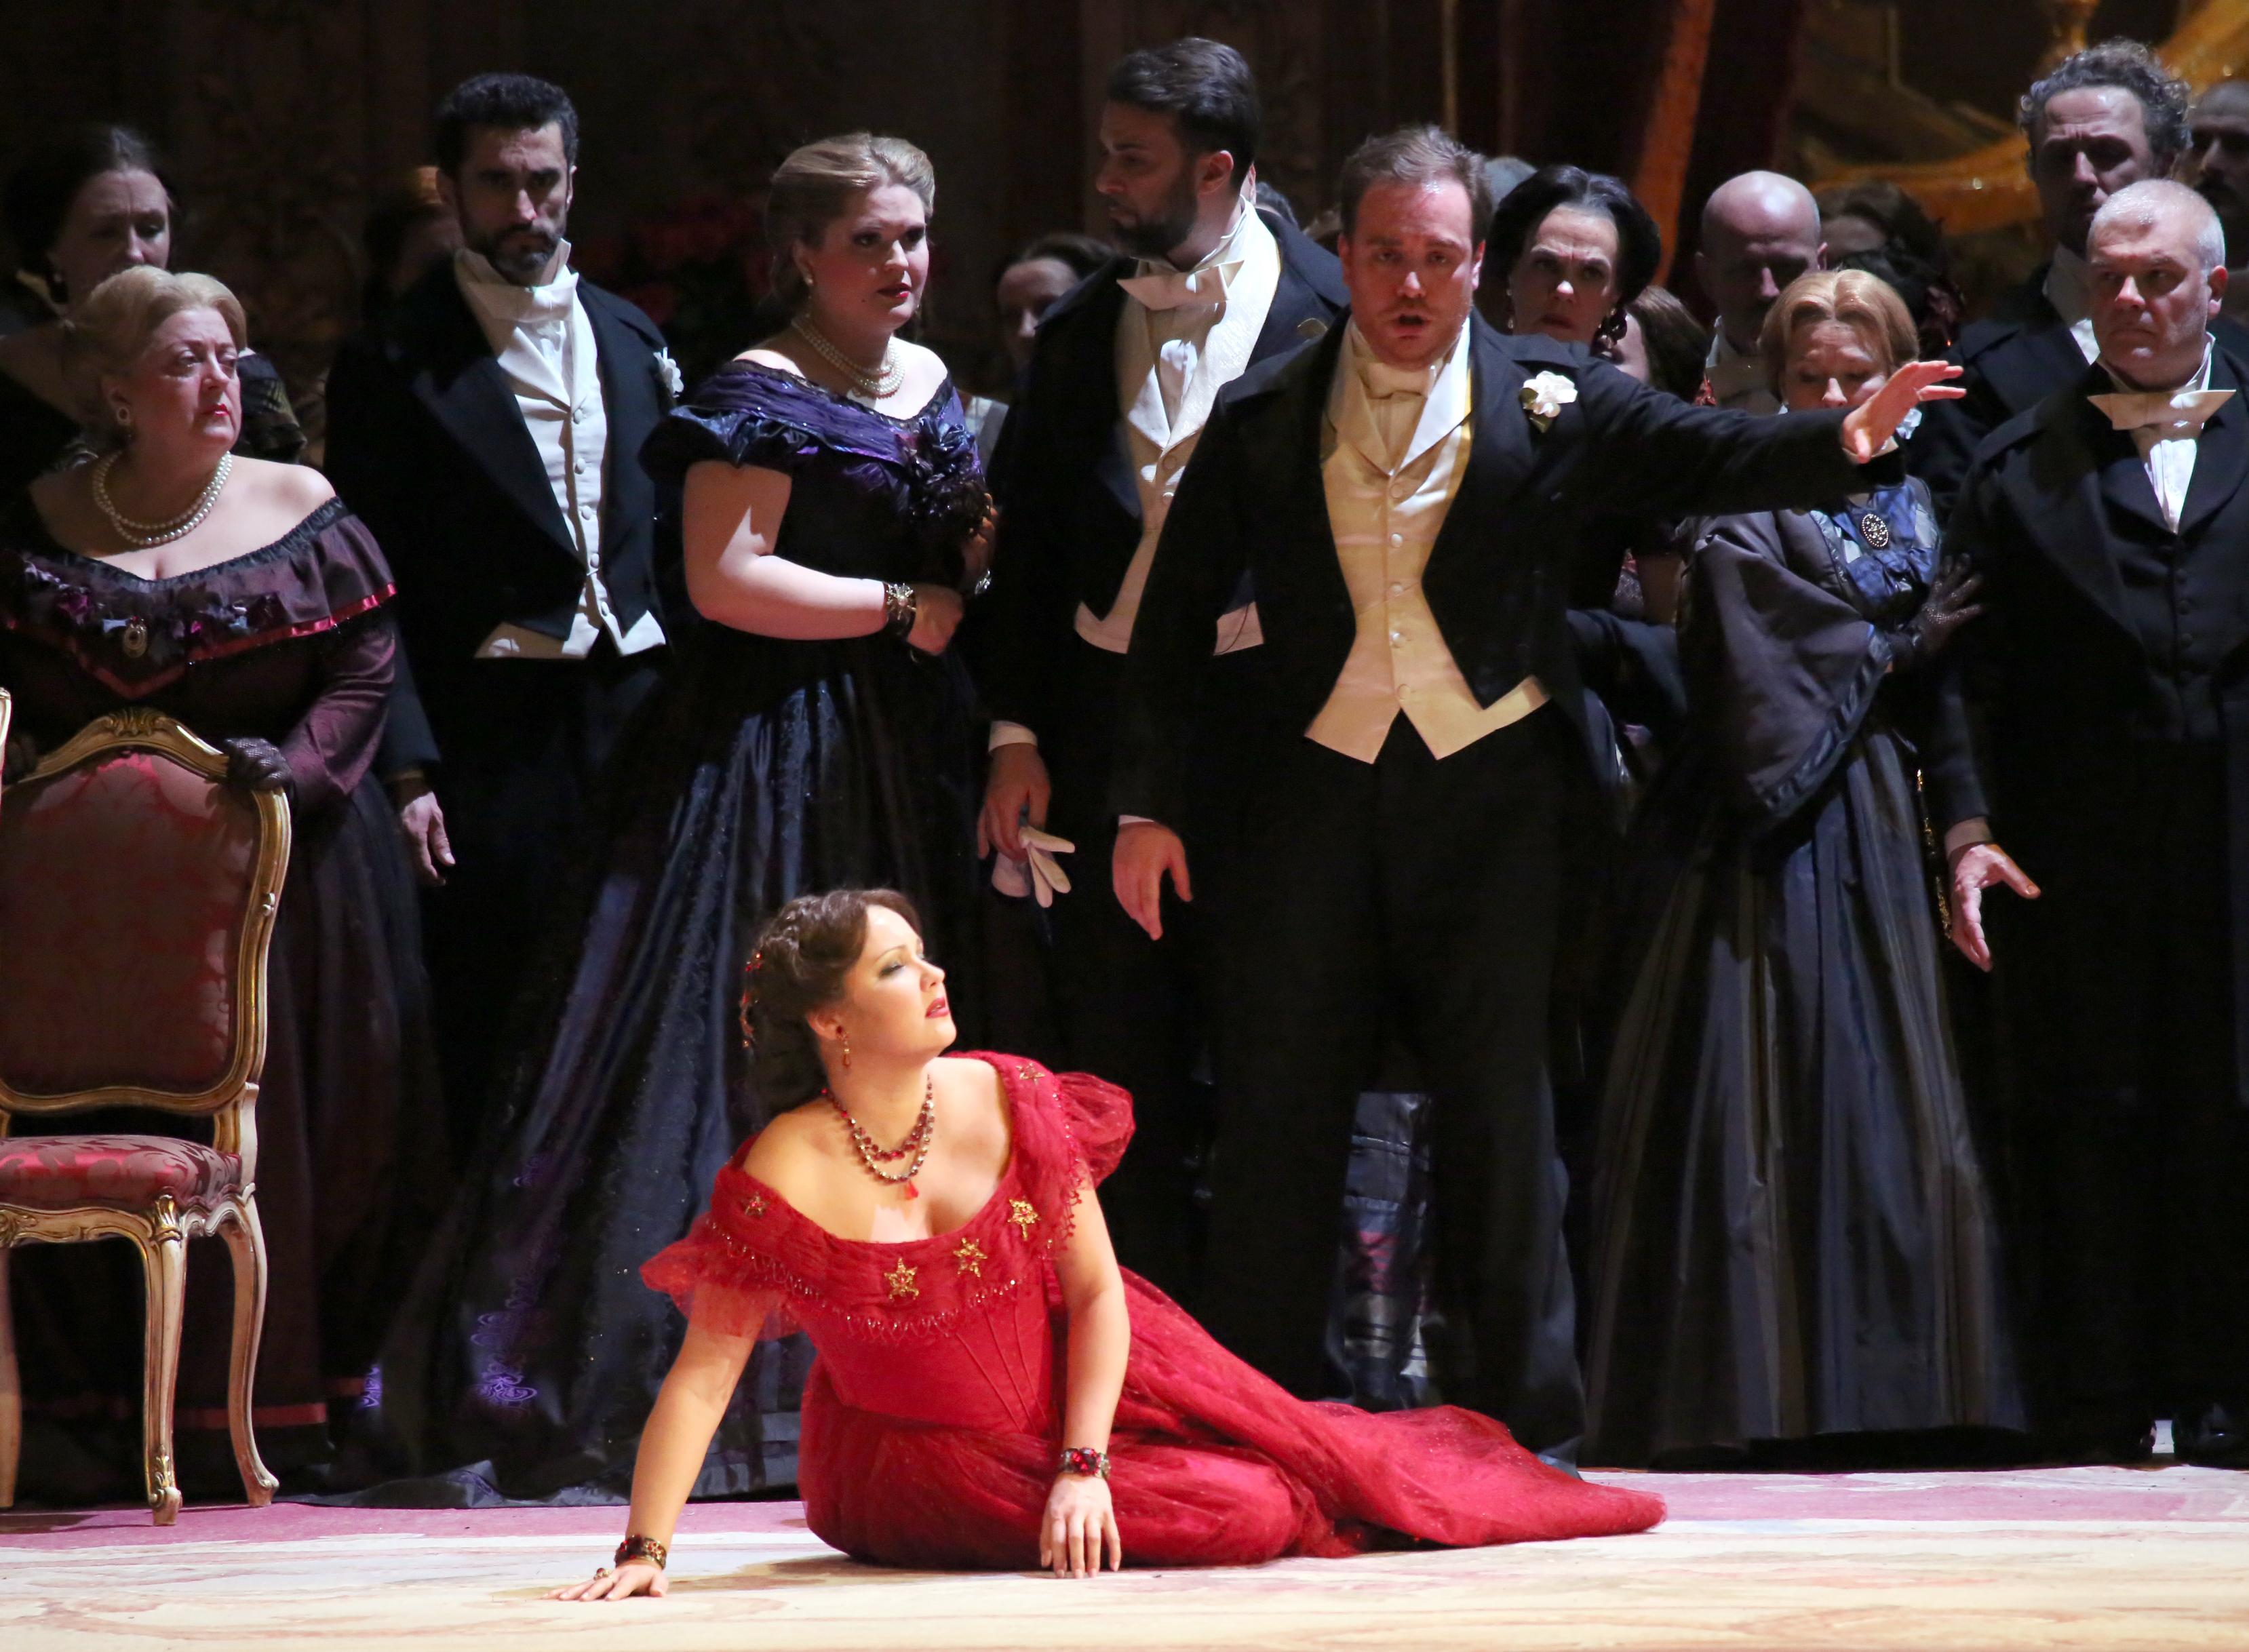 Teatro alla Scala, Anna Netrebko, La Traviata, Giuseppe Verdi, Milano